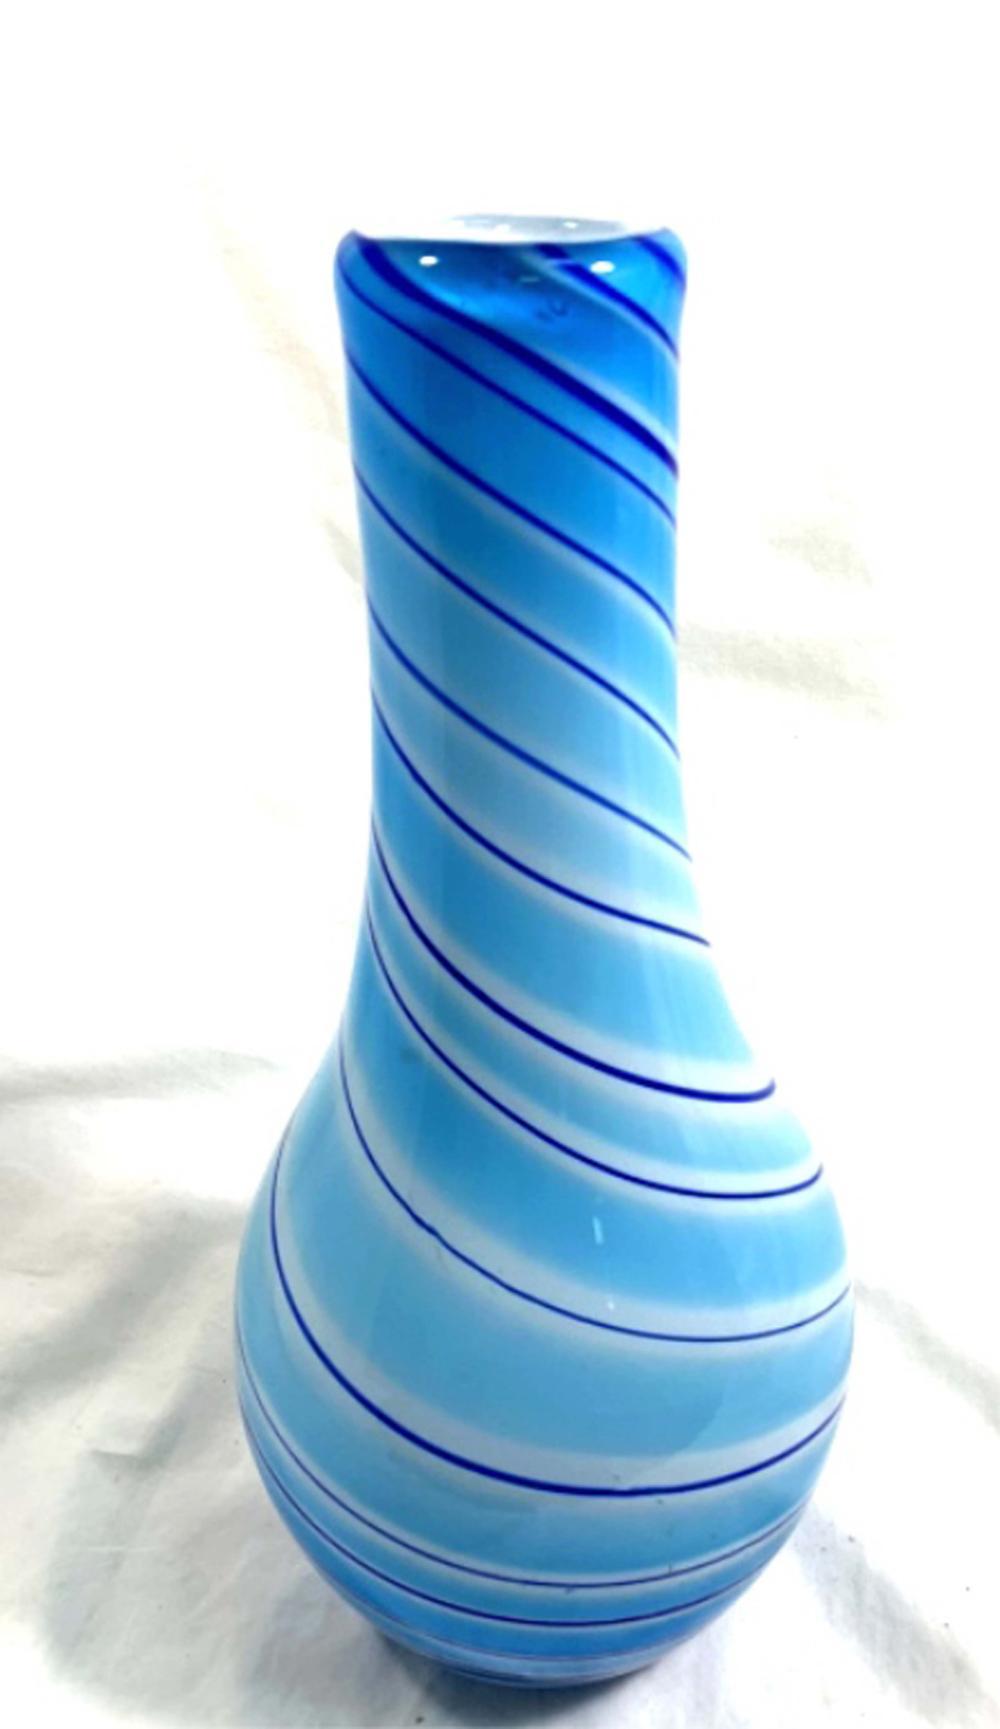 OUTSTANDING LIGHT BLUE SWIRL PATTERN ART GLASS VASE